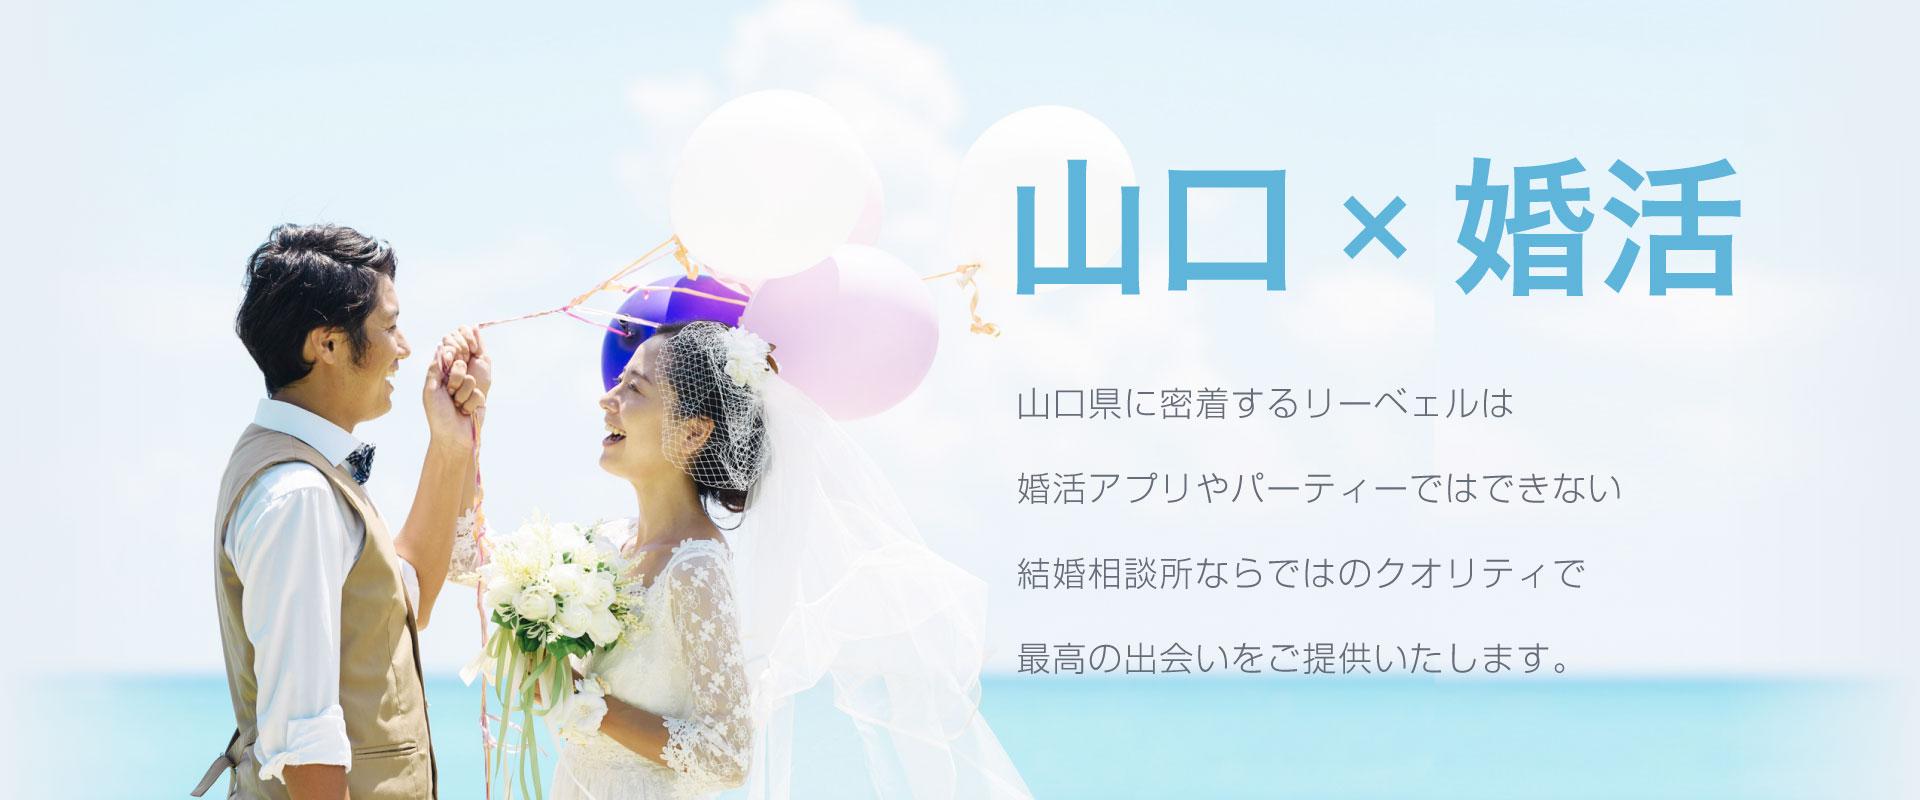 山口県に密着するリーベェルは婚活アプリやパーティーではできない結婚相談所ならではのクオリティで最高の出会いをご提供いたします。